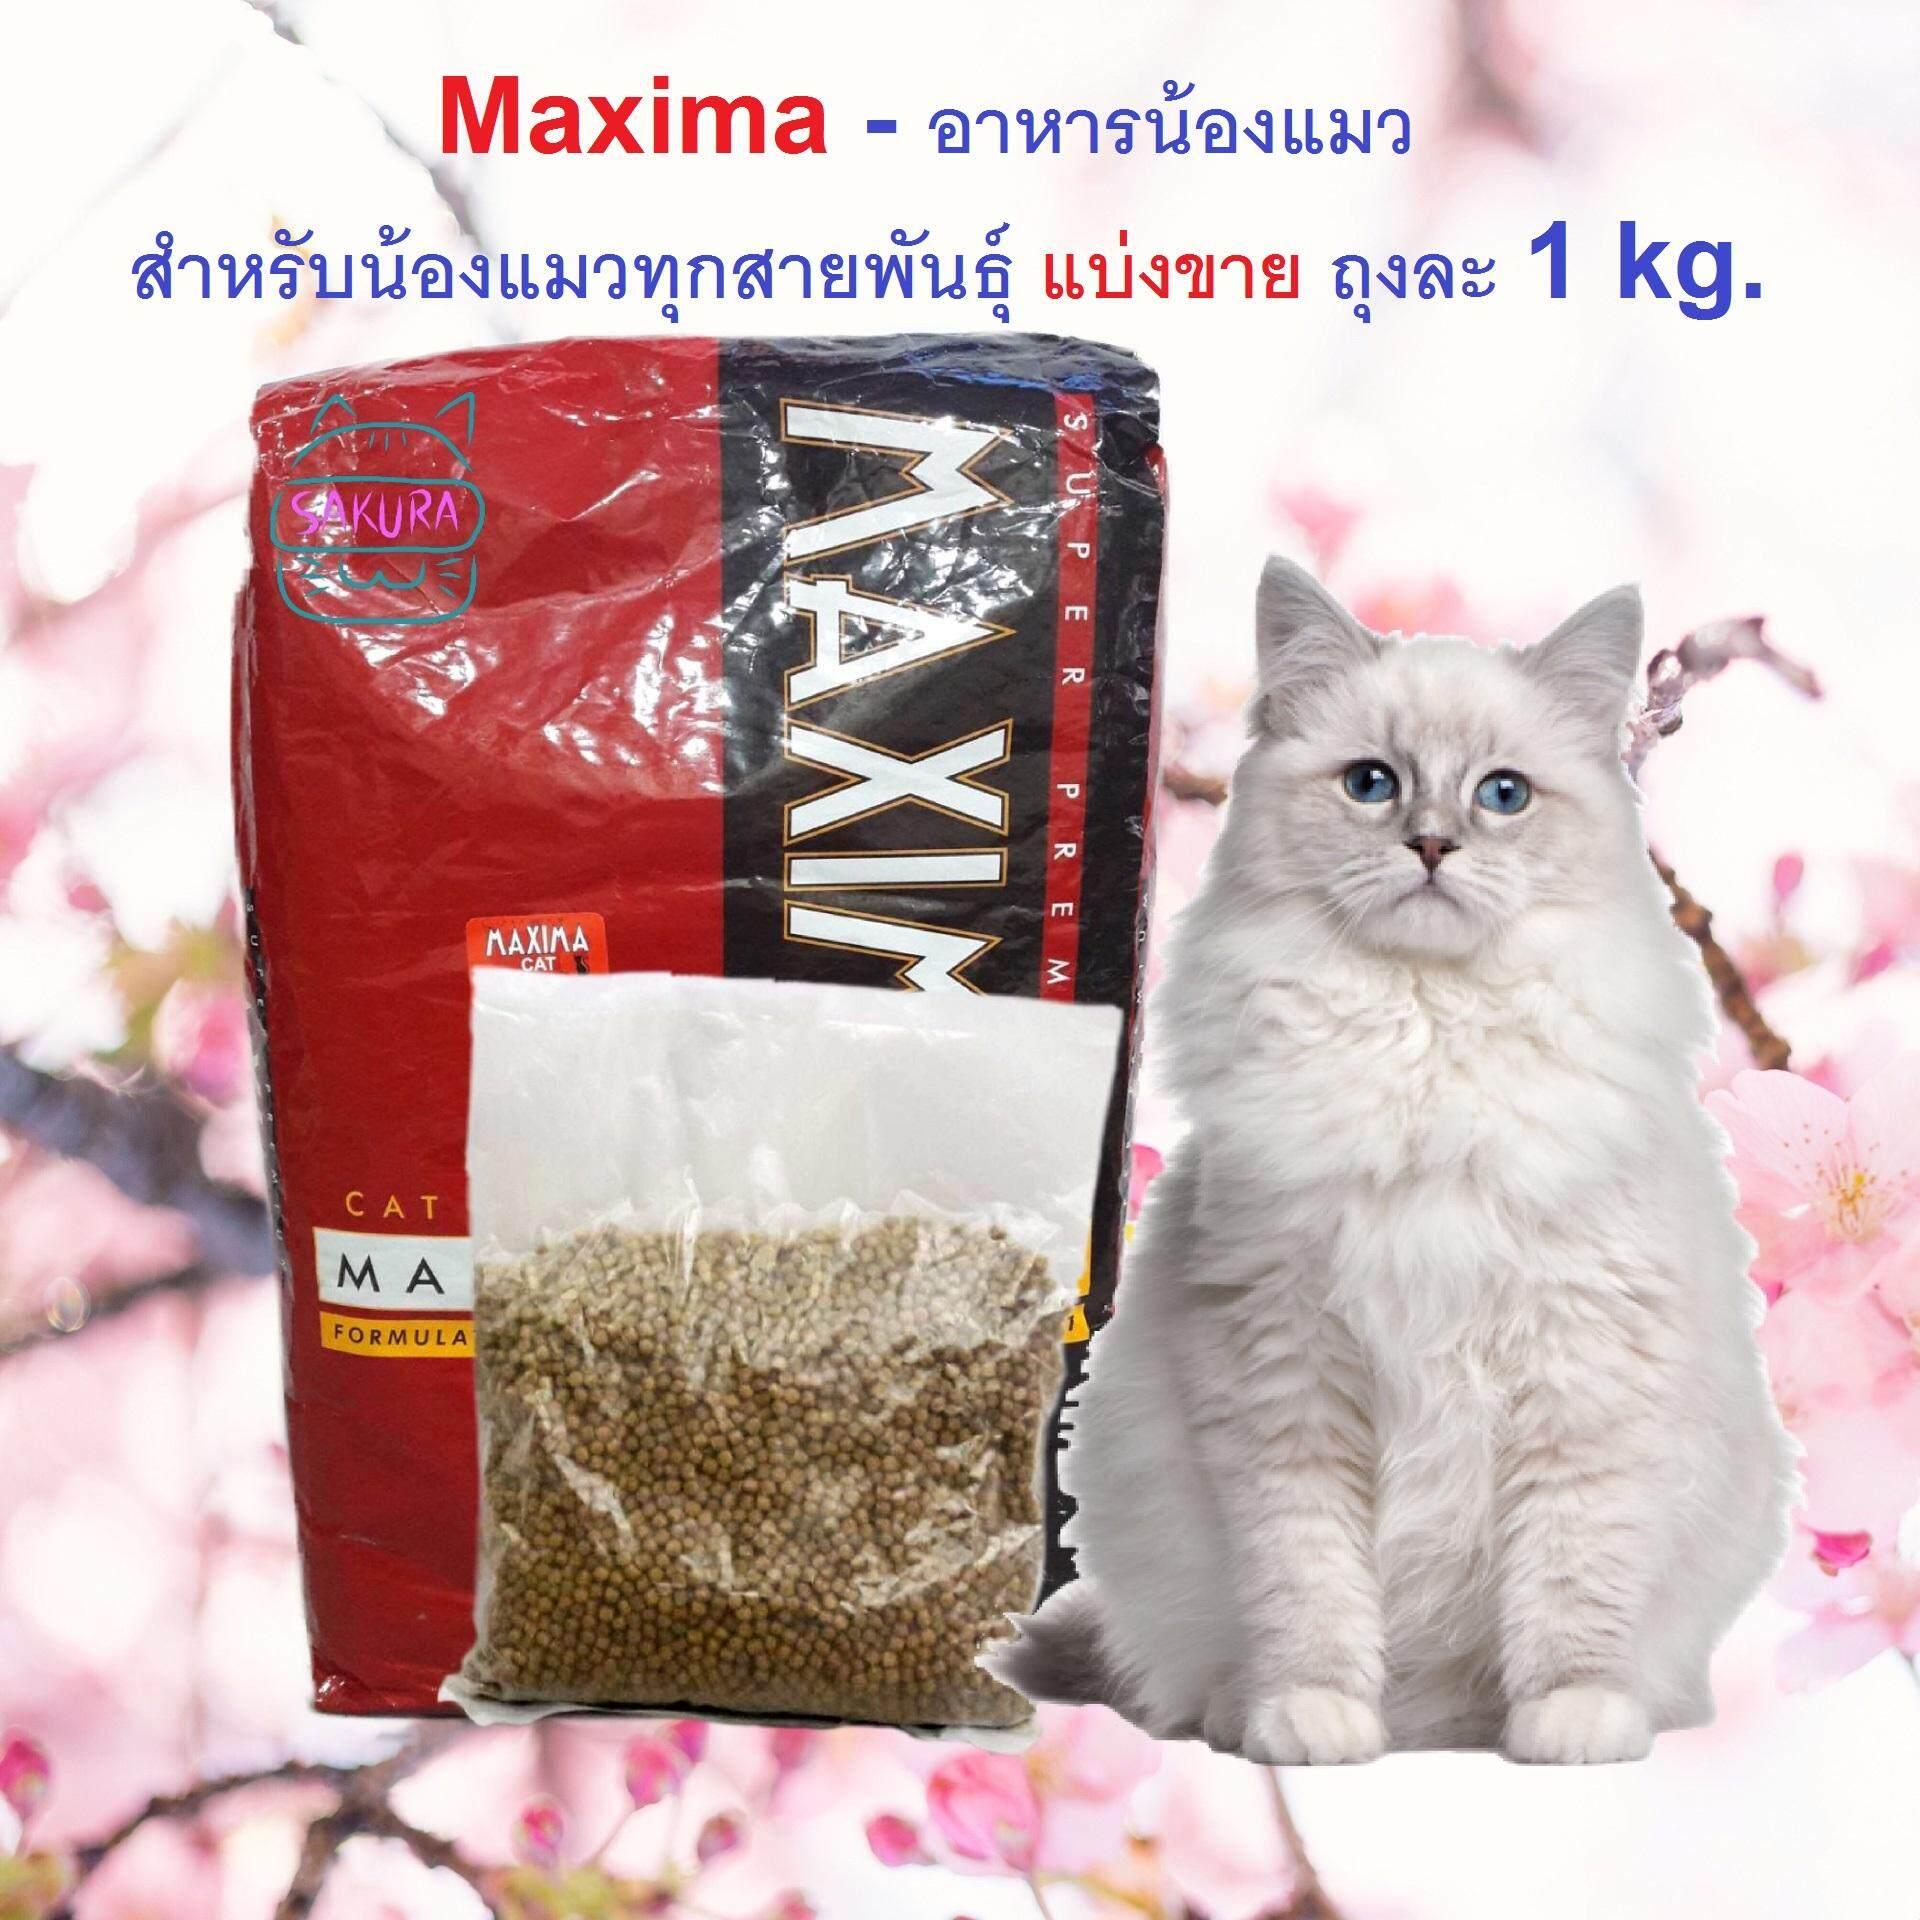 แม็กซิม่า อาหารแมว Maxima Cat Food 1 Kg อาหารแมวโต แบ่งขาย สูตรเนื้อแกะ บำรุงขน ผิวหนัง และป้องกันการเกิดโรคนิ่ว 1 กิโลกรัม By Oujo Sakura Kitten.